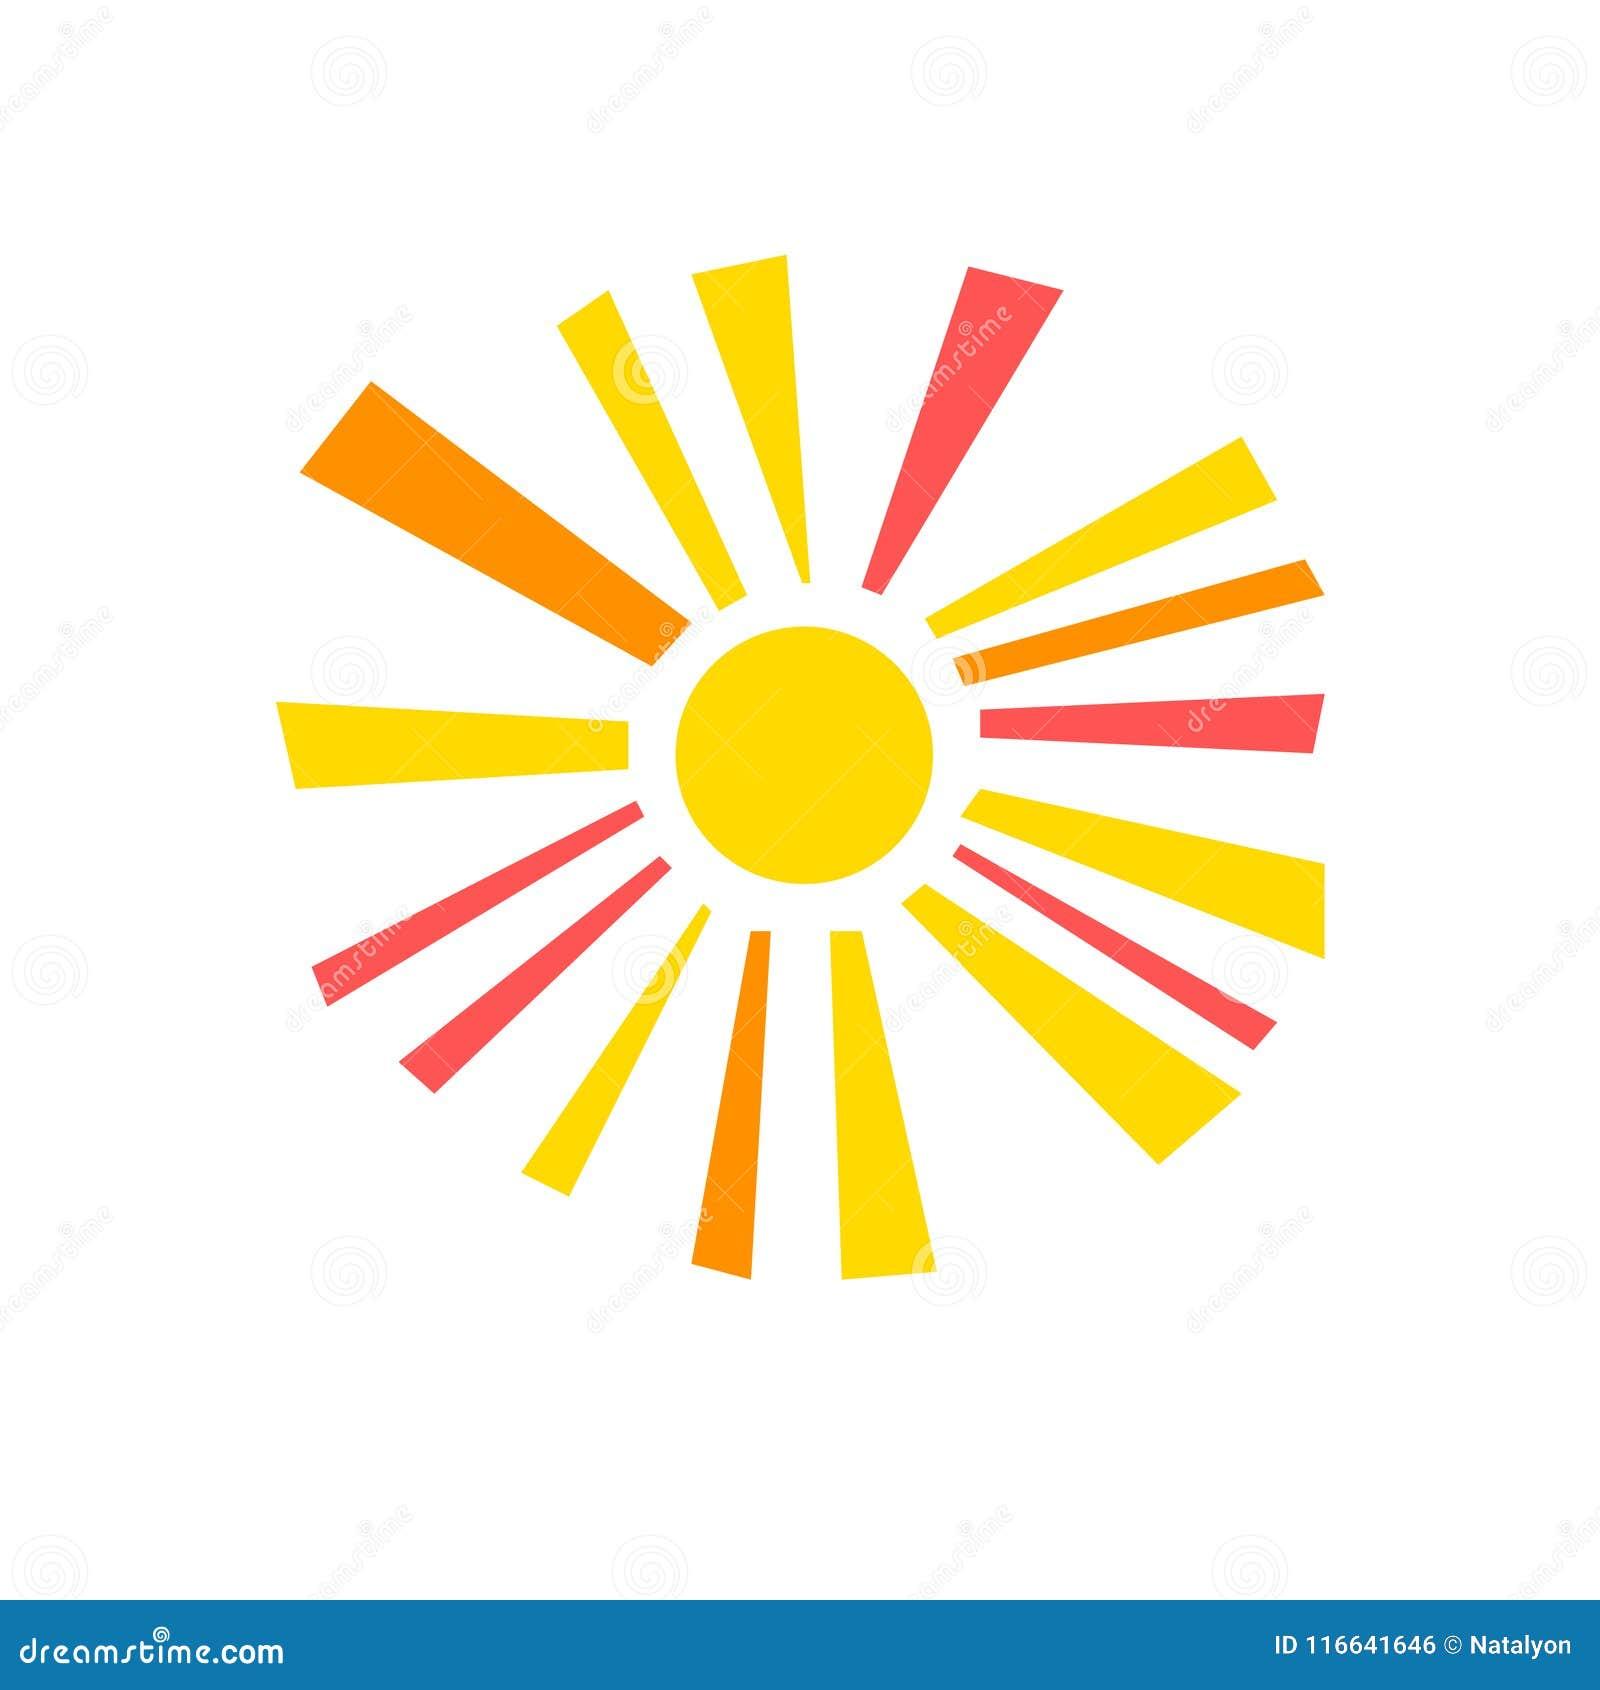 Ζωηρόχρωμος απλός γεωμετρικός λάμποντας ήλιος με το σύμβολο ηλιαχτίδων, διάνυσμα